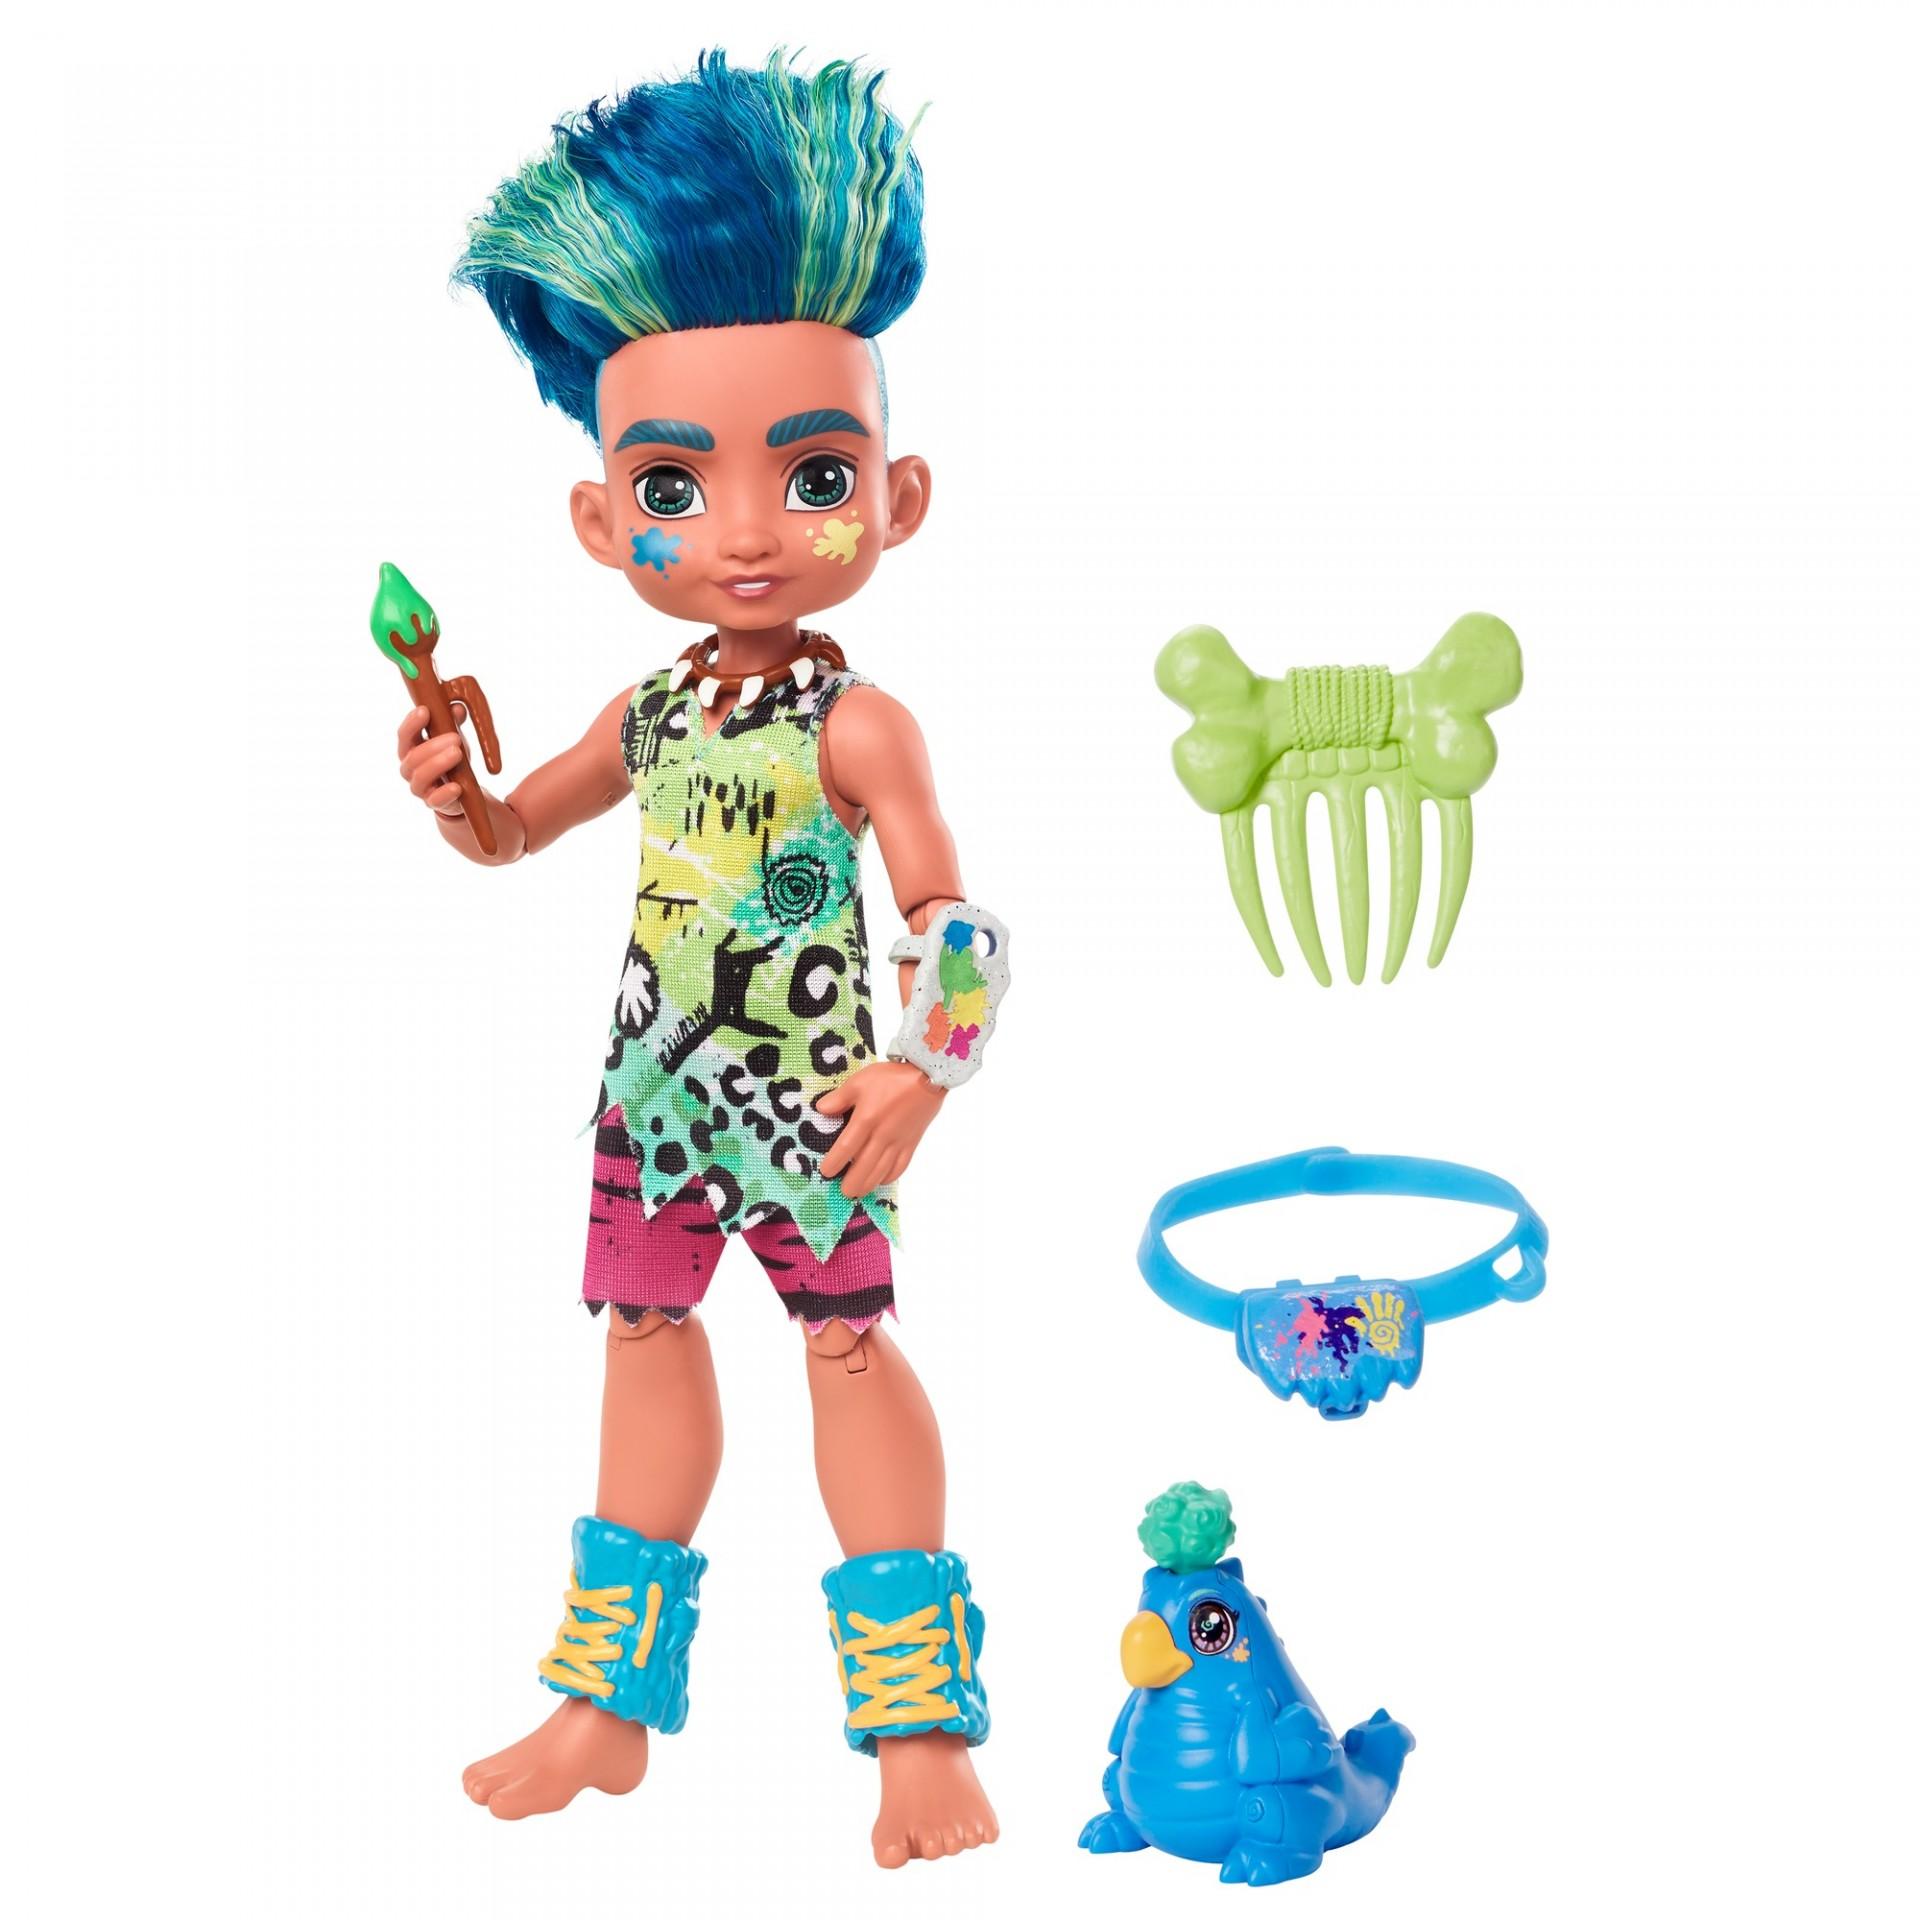 Купить Кукла Слейт и питомец Тэгги Пещерный клуб  Cave Club Slate Doll with Taggy Dinosaur Pet Mattel от